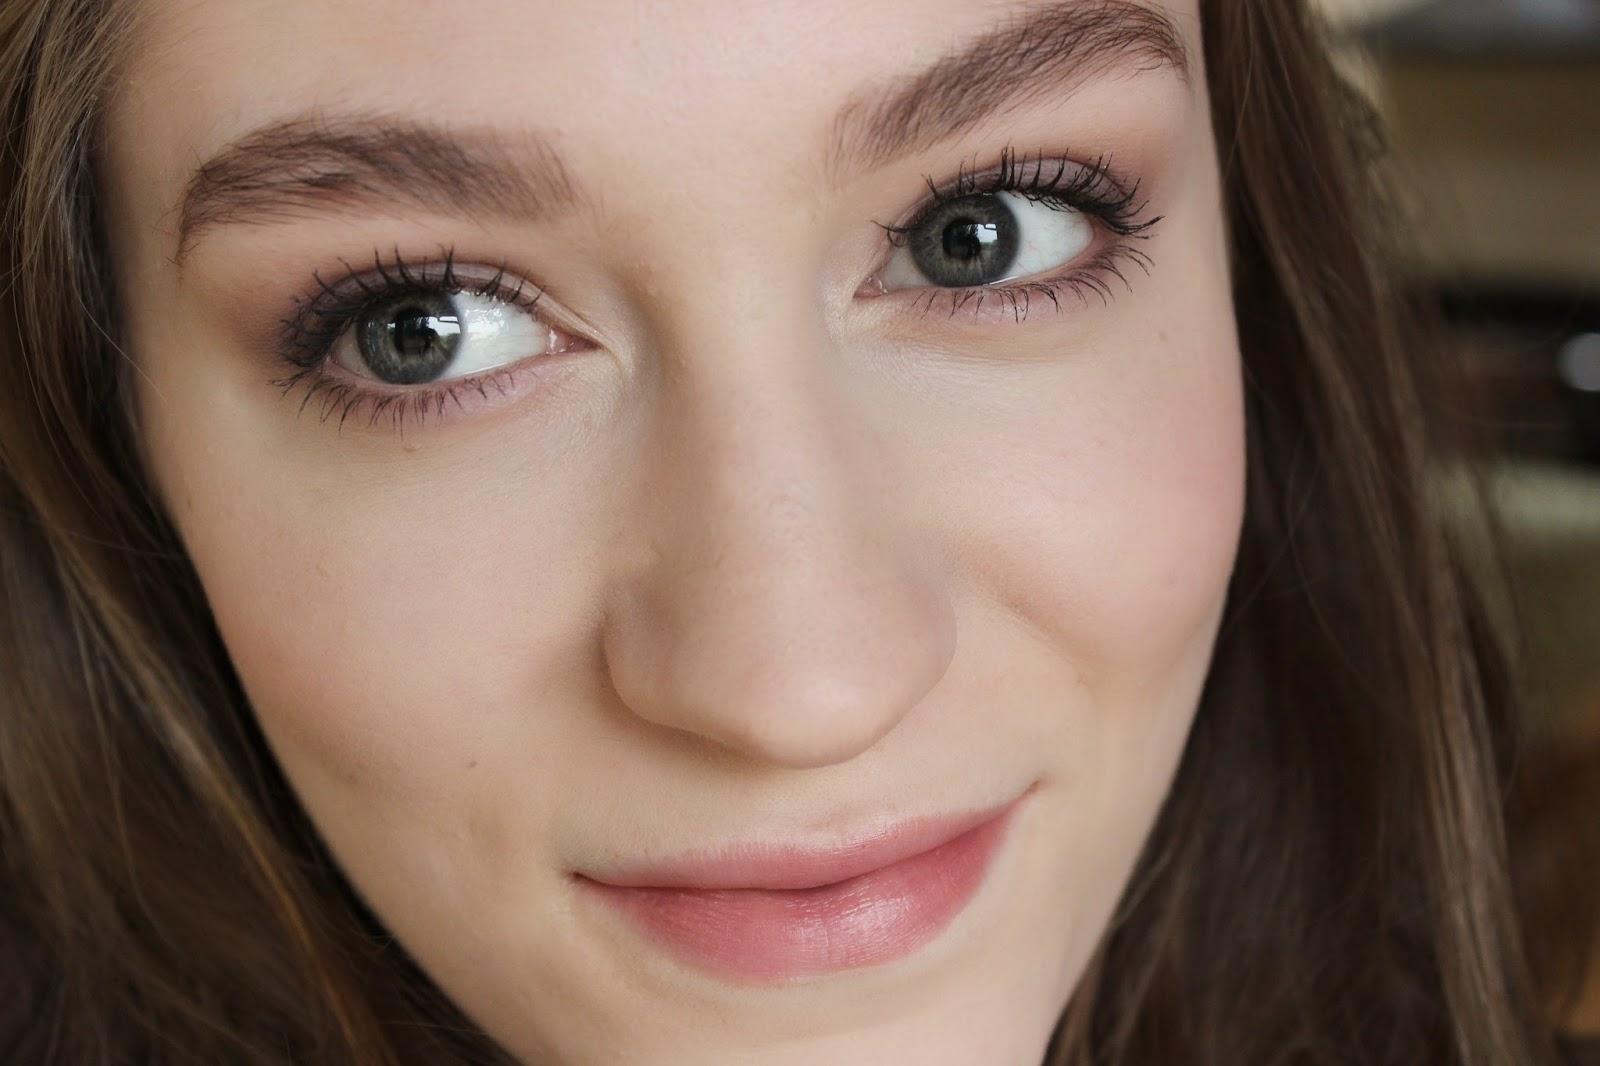 Blair Waldorf / Leighton Meester Makeup Look